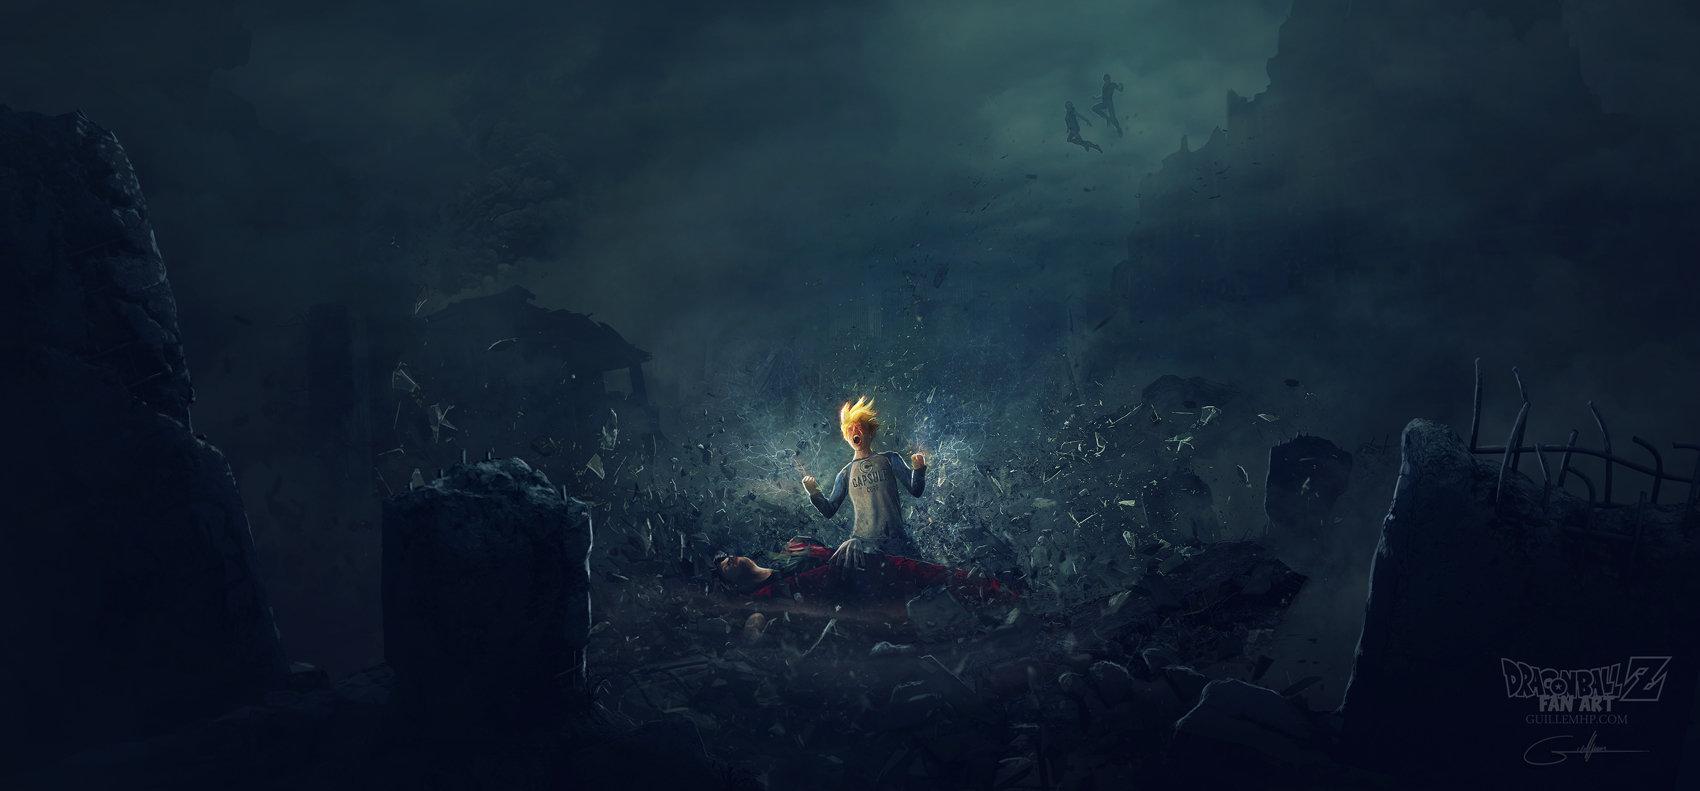 Gohan's Death